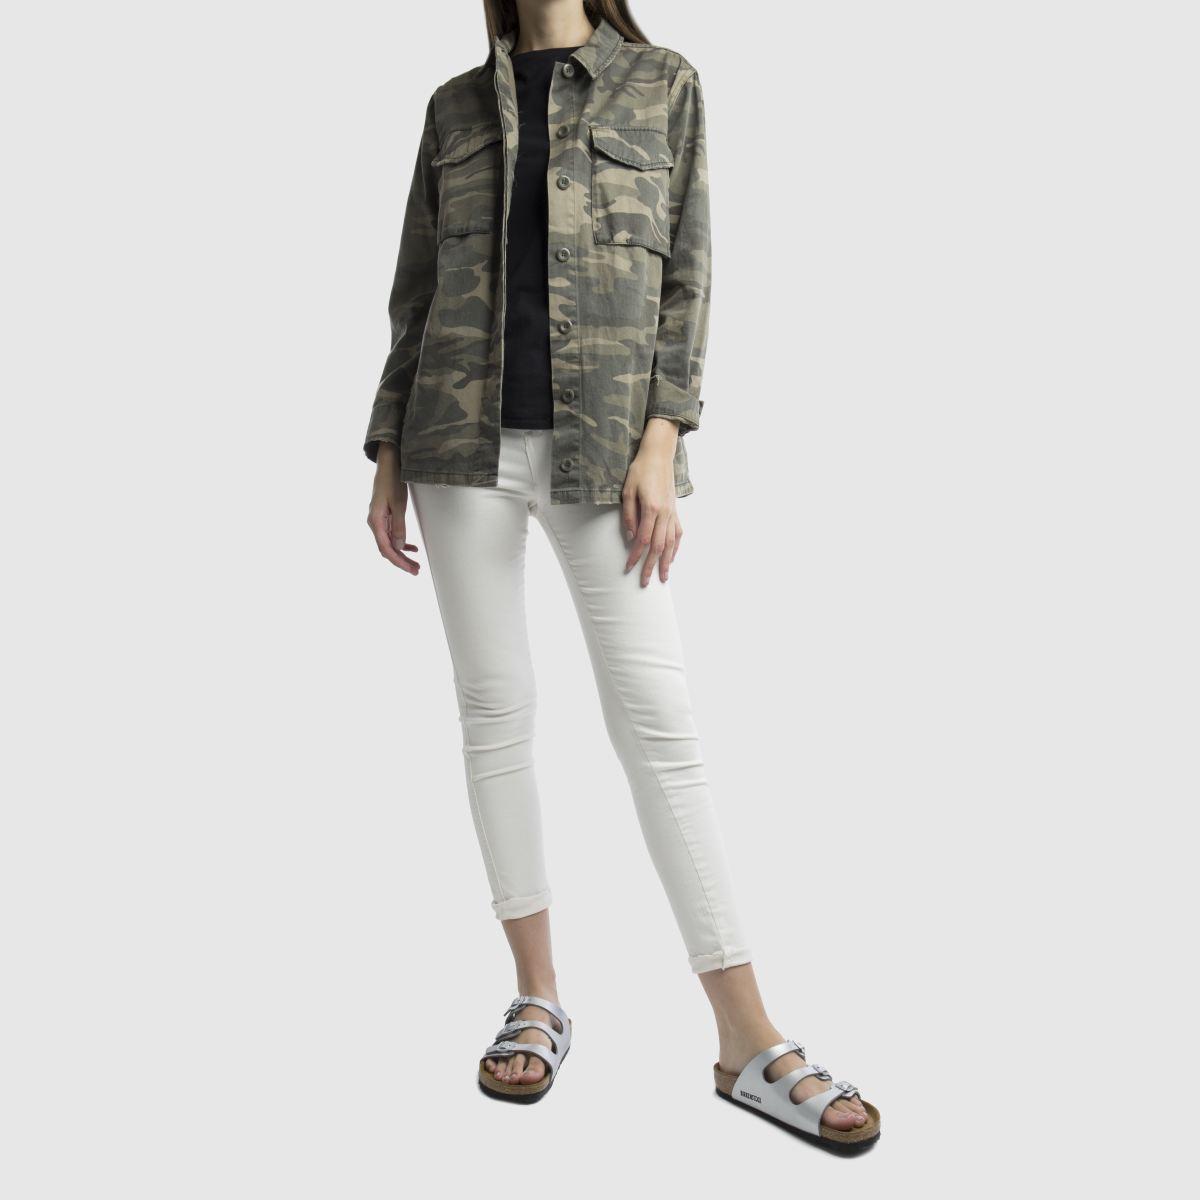 Damen | Silber birkenstock Florida Sandalen | Damen schuh Gute Qualität beliebte Schuhe b3d553